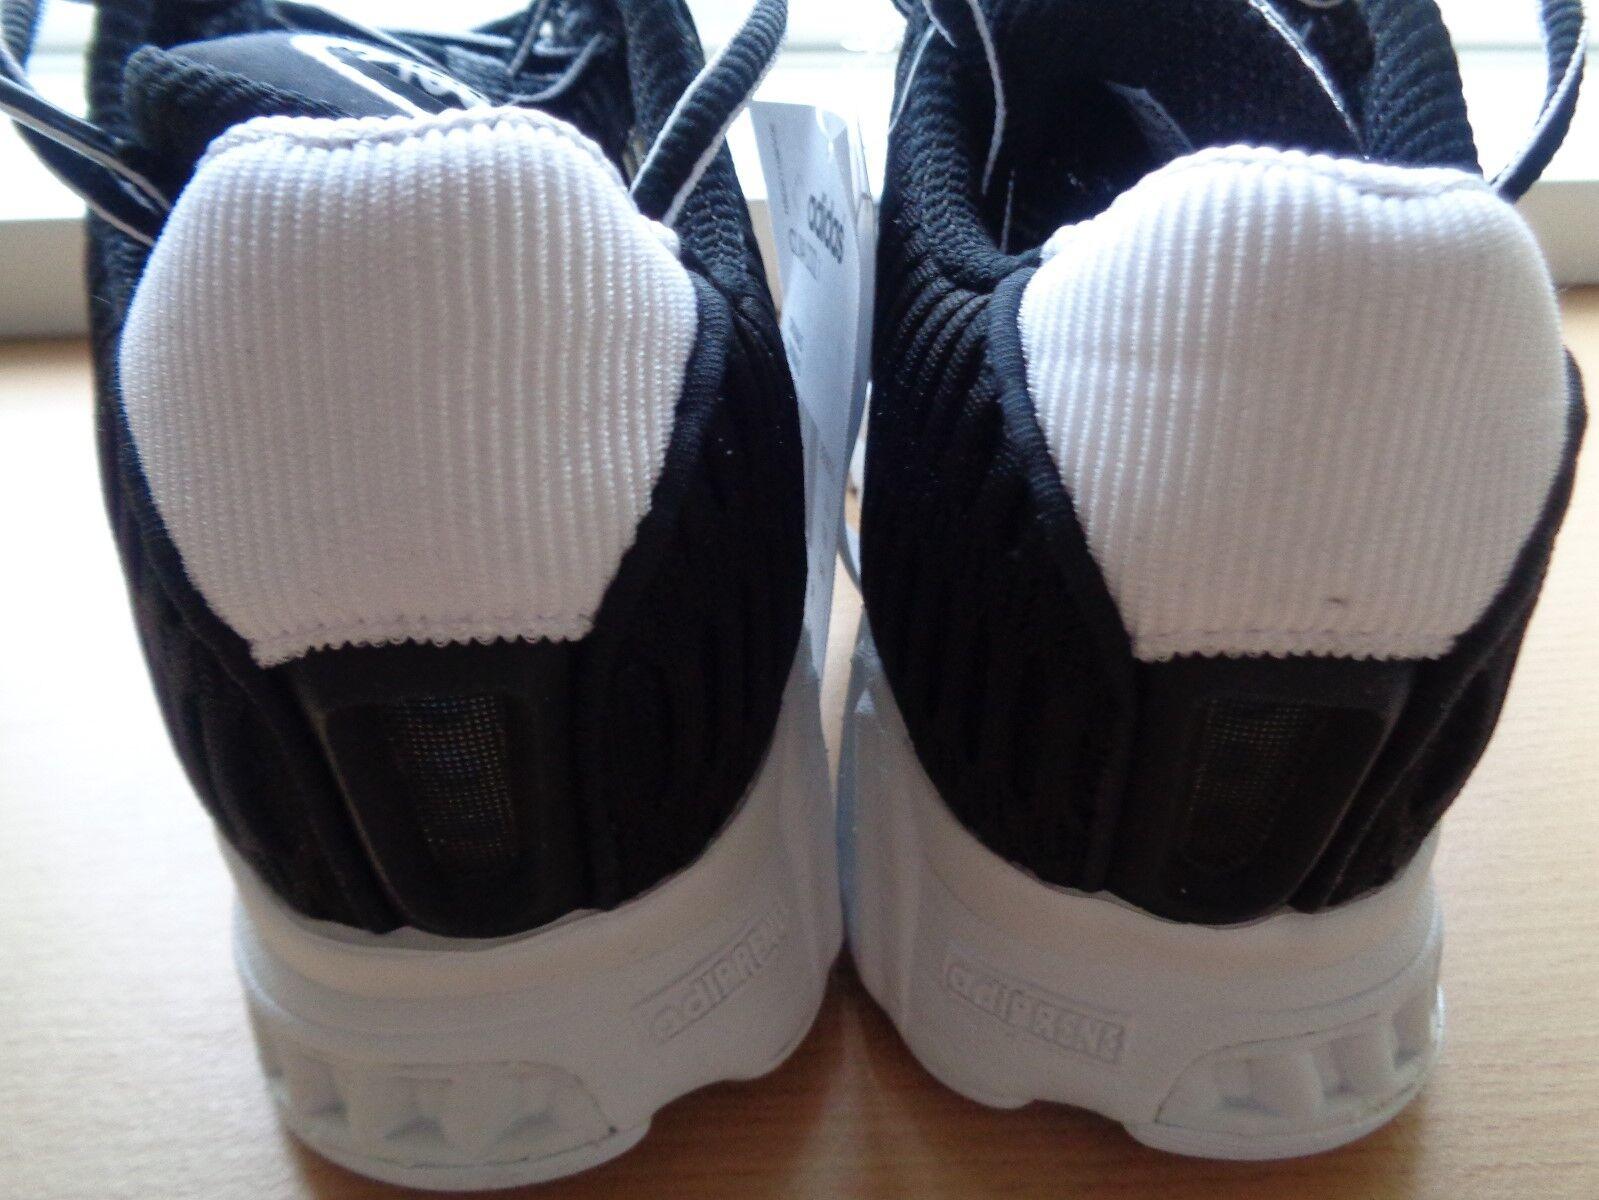 Adidas Adidas Adidas Clima Cool 1 Para hombre Zapatillas Sneakers BBO670 nos 4 Nuevo + Caja 31eedc